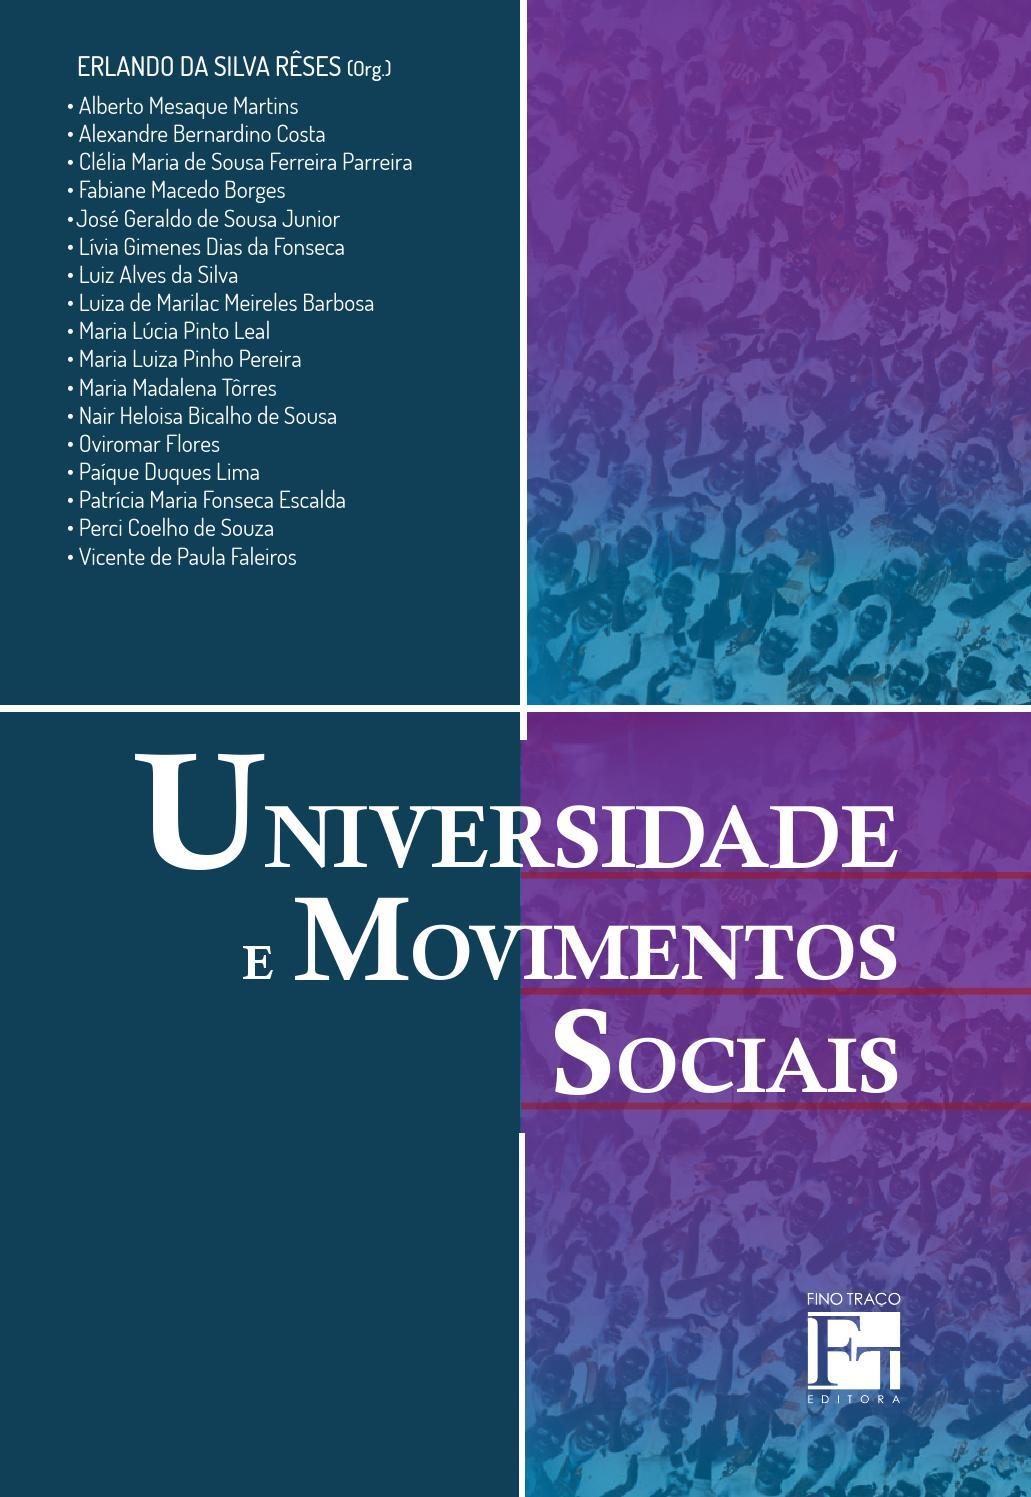 bf9abf8332211 Universidade e Movimentos Sociais   Erlando da Silva Rêses (Org.) by Fino  Traço Editora - issuu